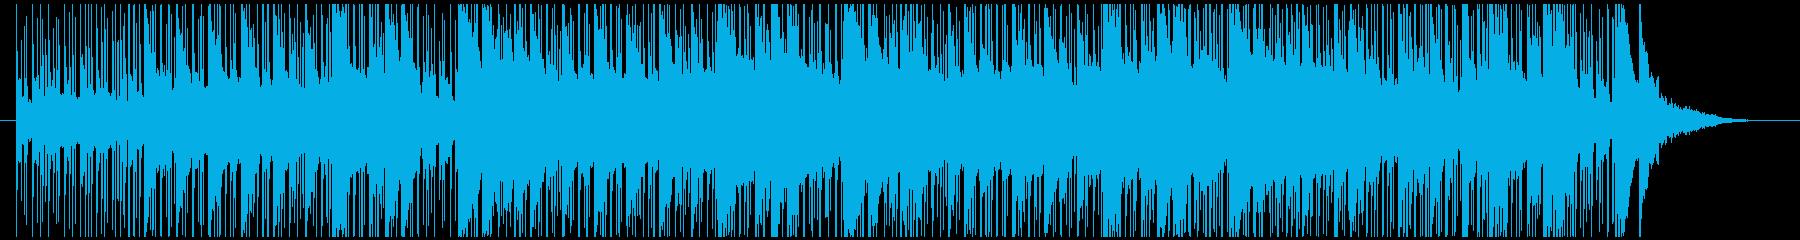 ドキュメンタリーに合うピアノアンビエントの再生済みの波形